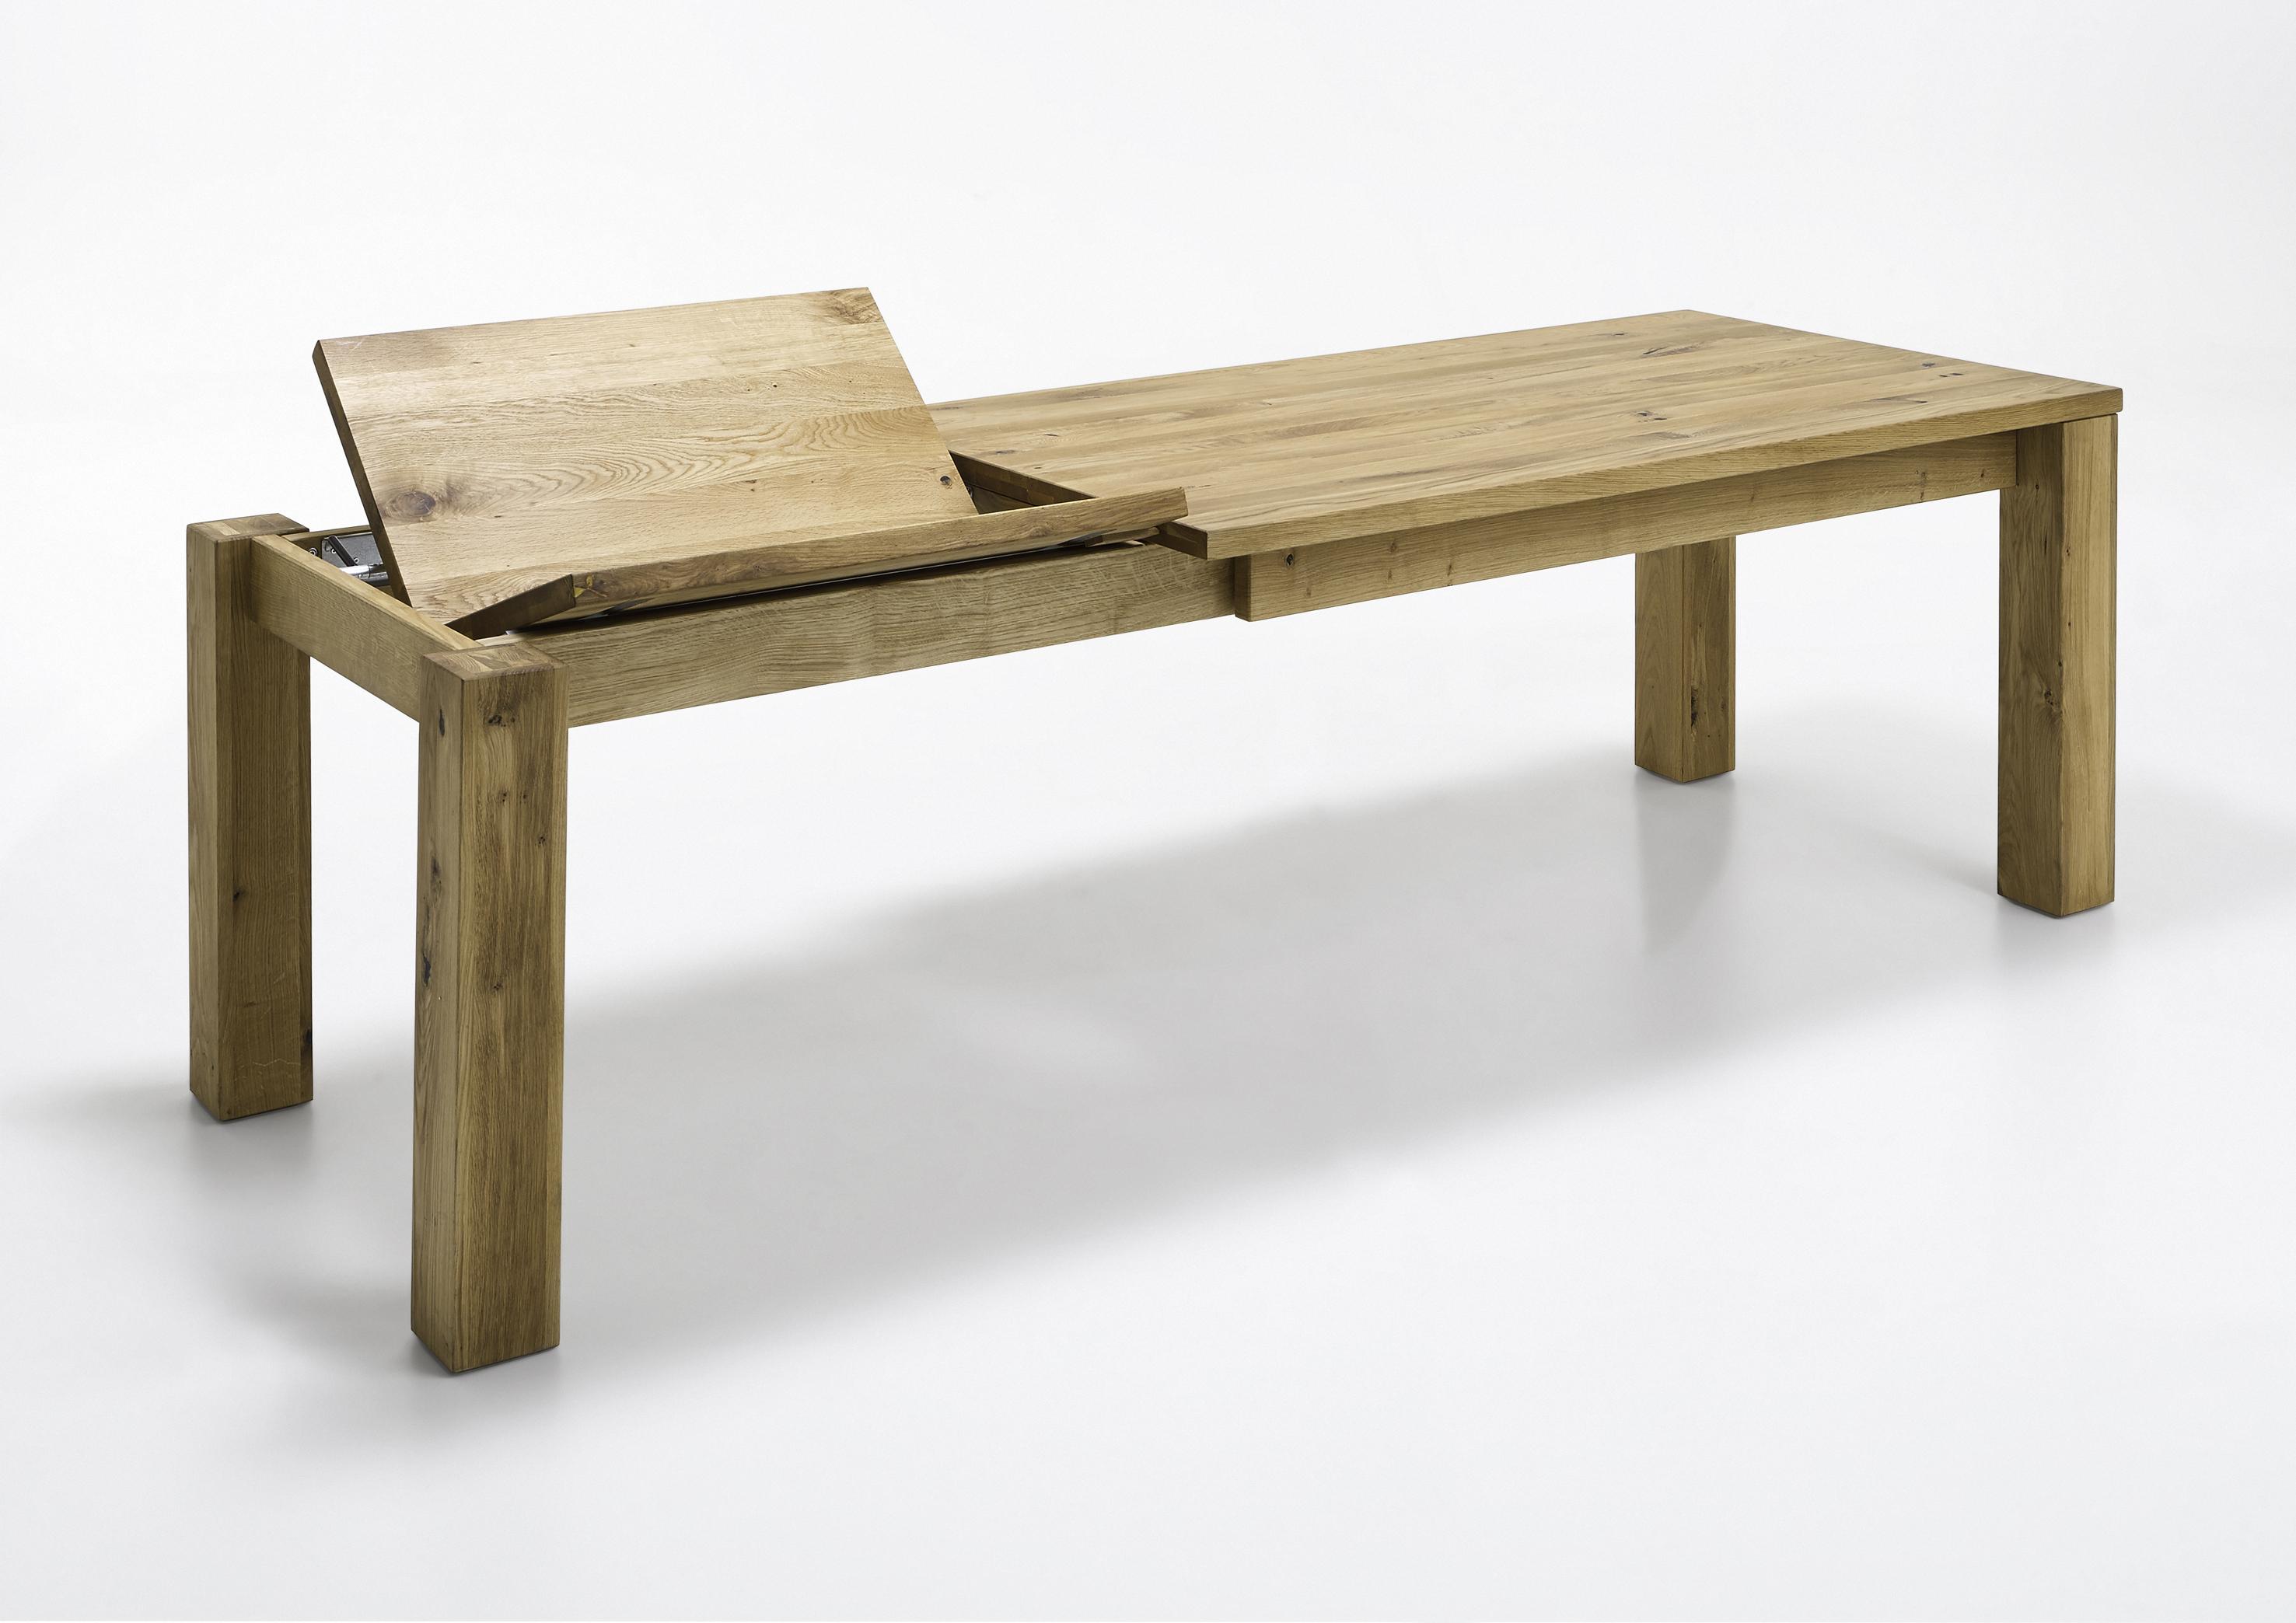 esszimmertisch wildeiche massiv 160x90 elfo m bel 2751 ausziehbar. Black Bedroom Furniture Sets. Home Design Ideas